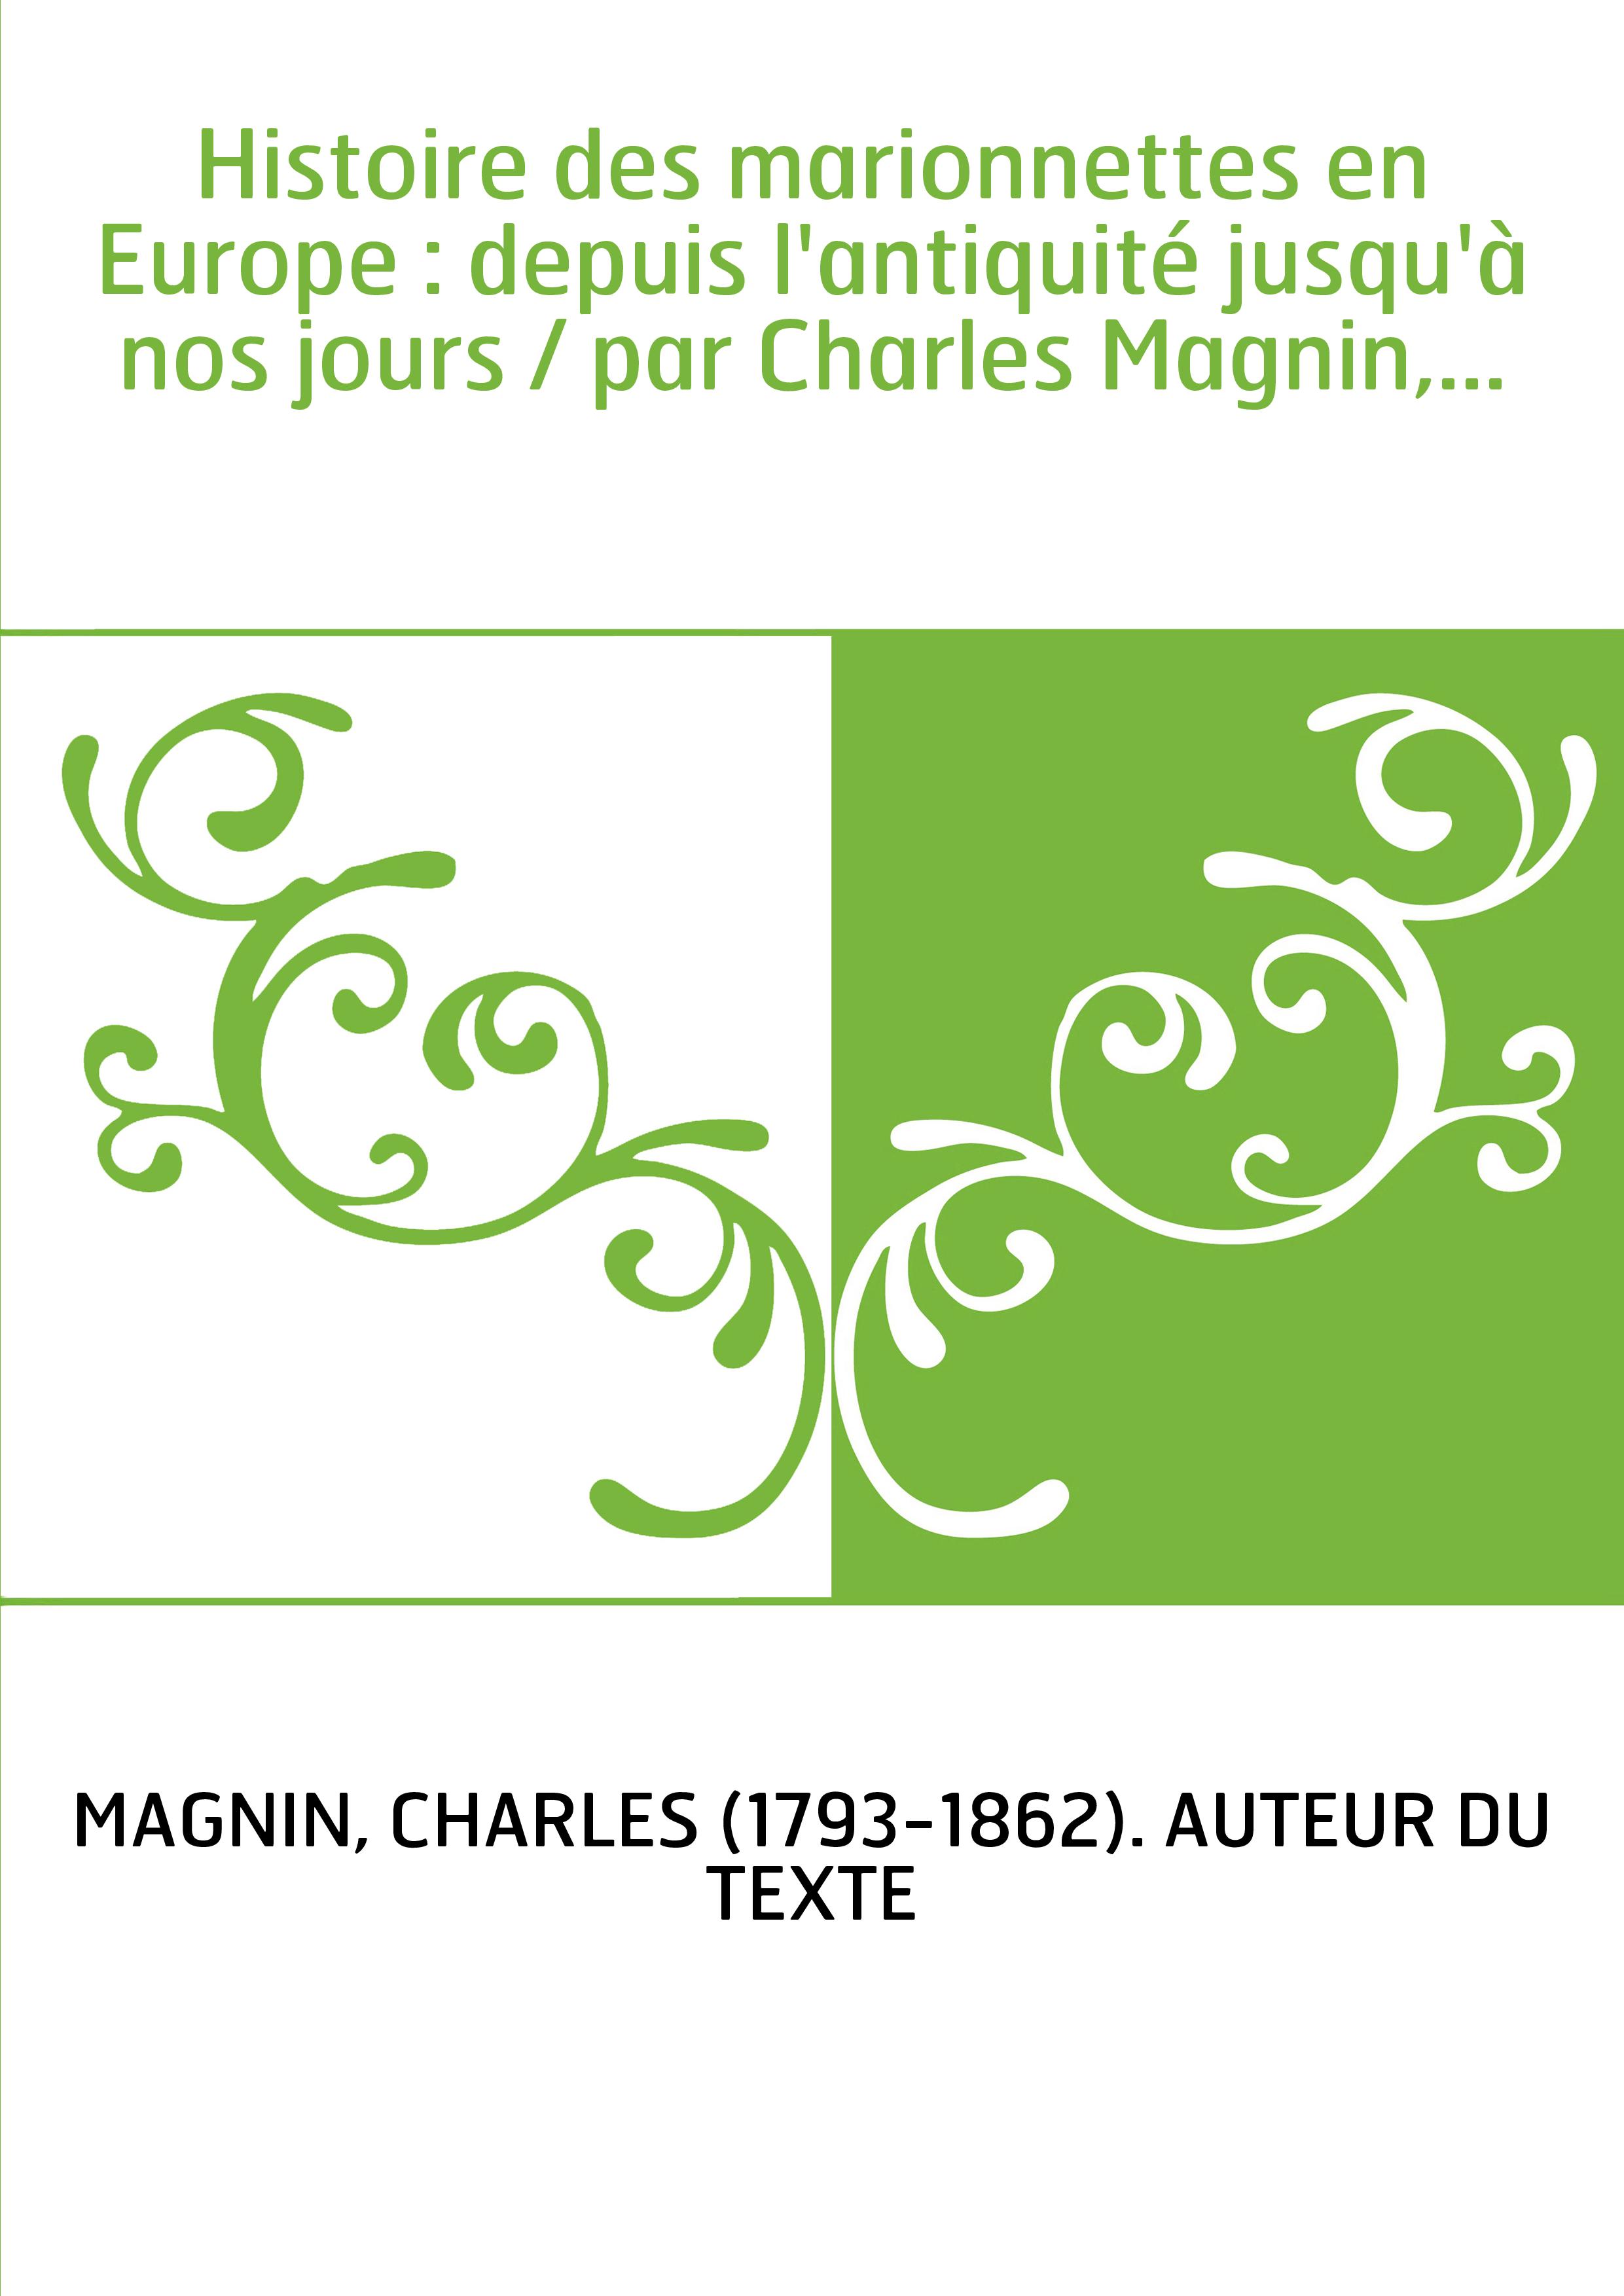 Histoire des marionnettes en Europe, depuis l'antiquité jusqu'à nos jours (Éd.1852) - Charles Magnin